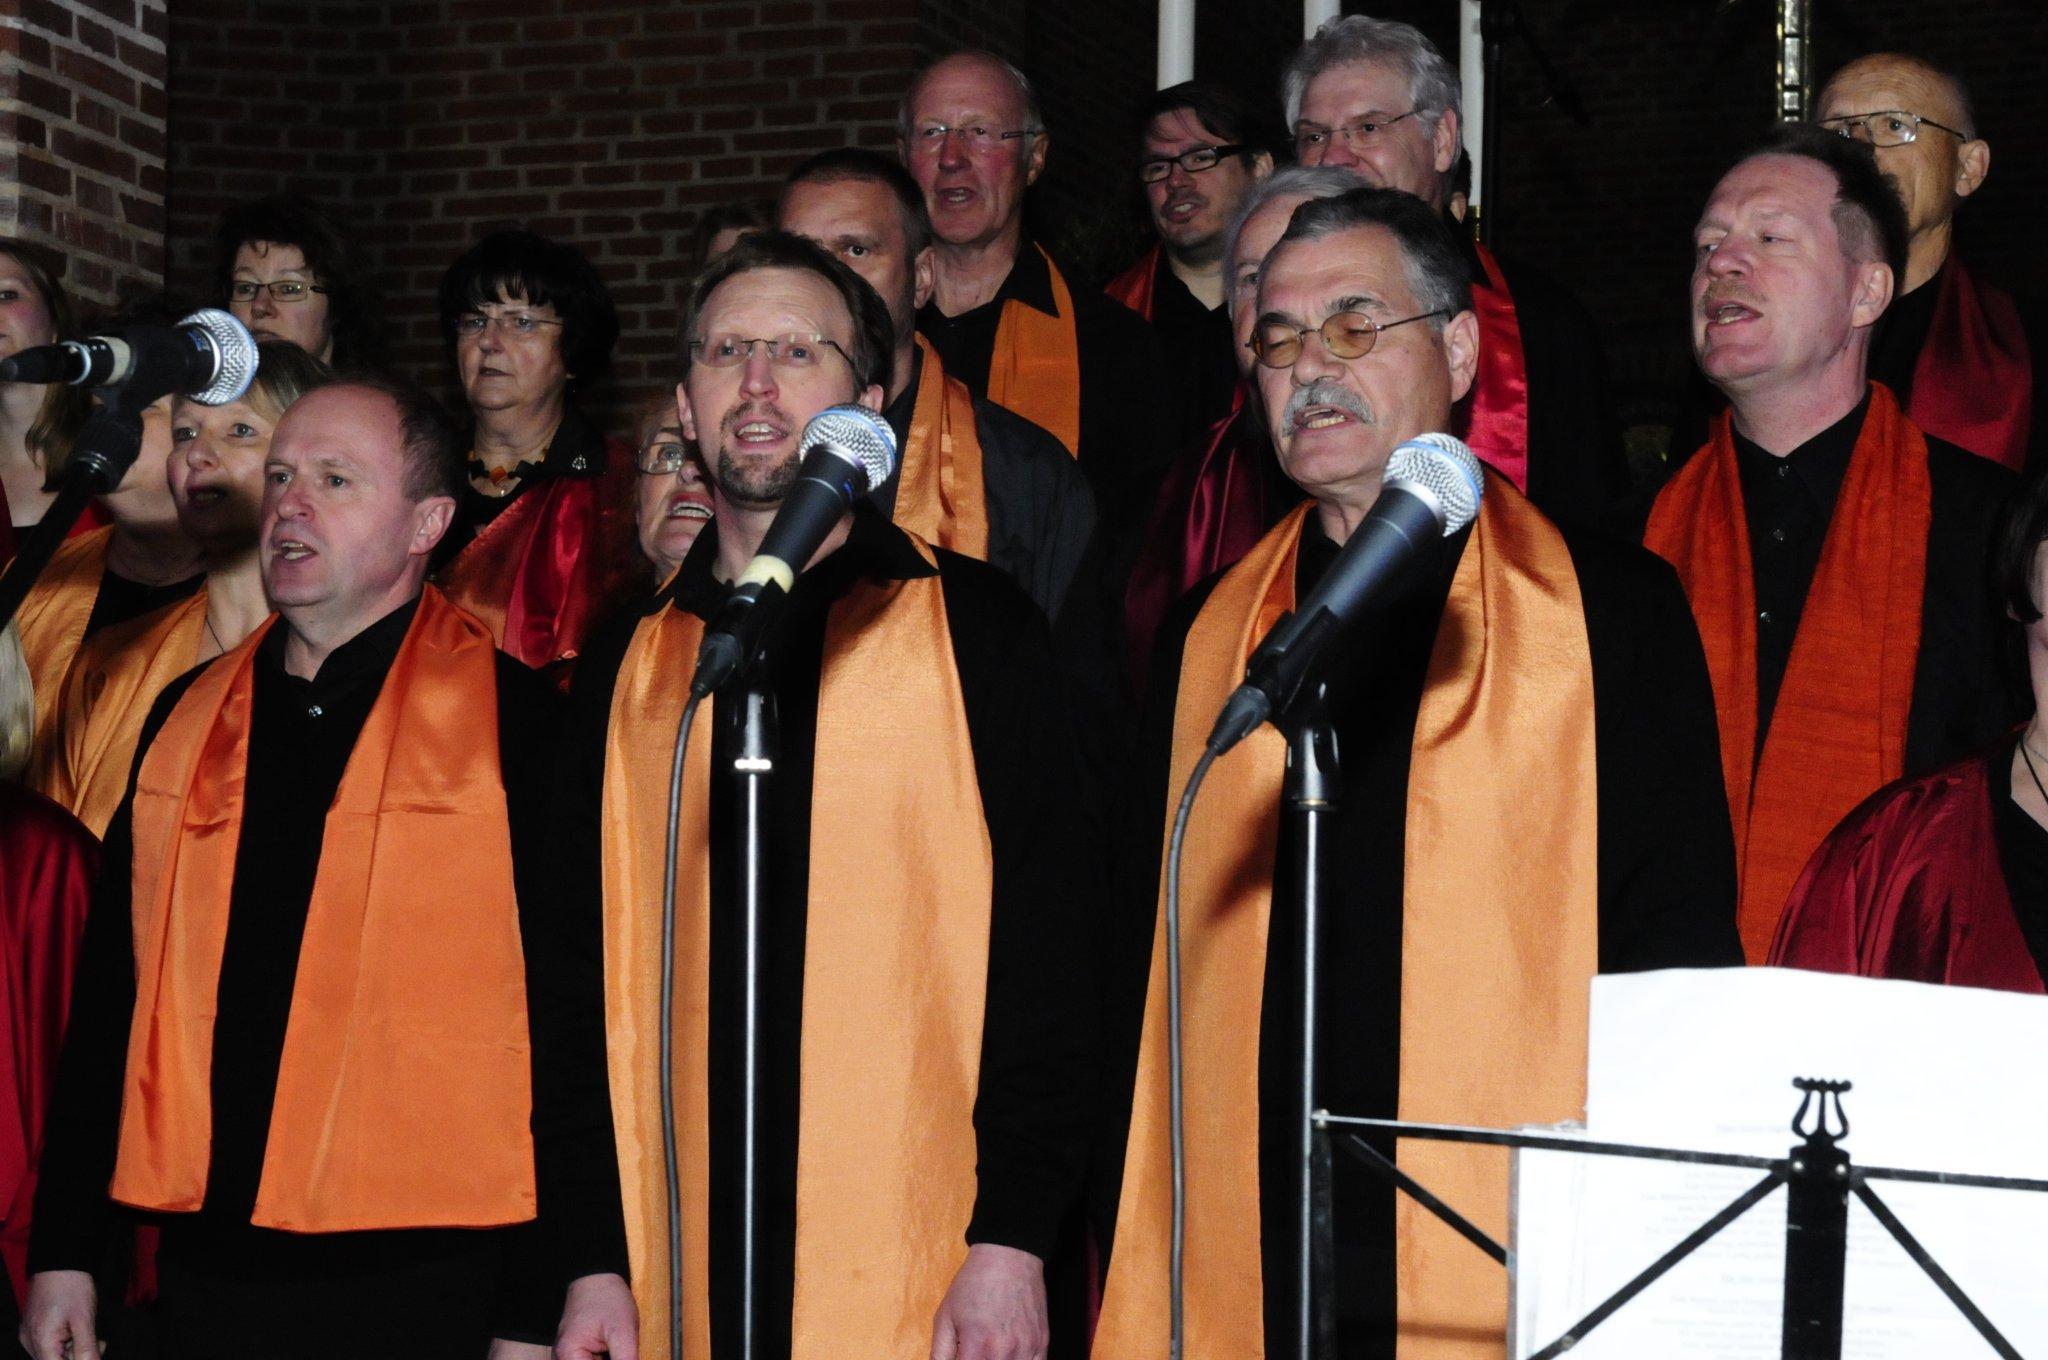 20120422 Reformations Gedaechtniskirche 32